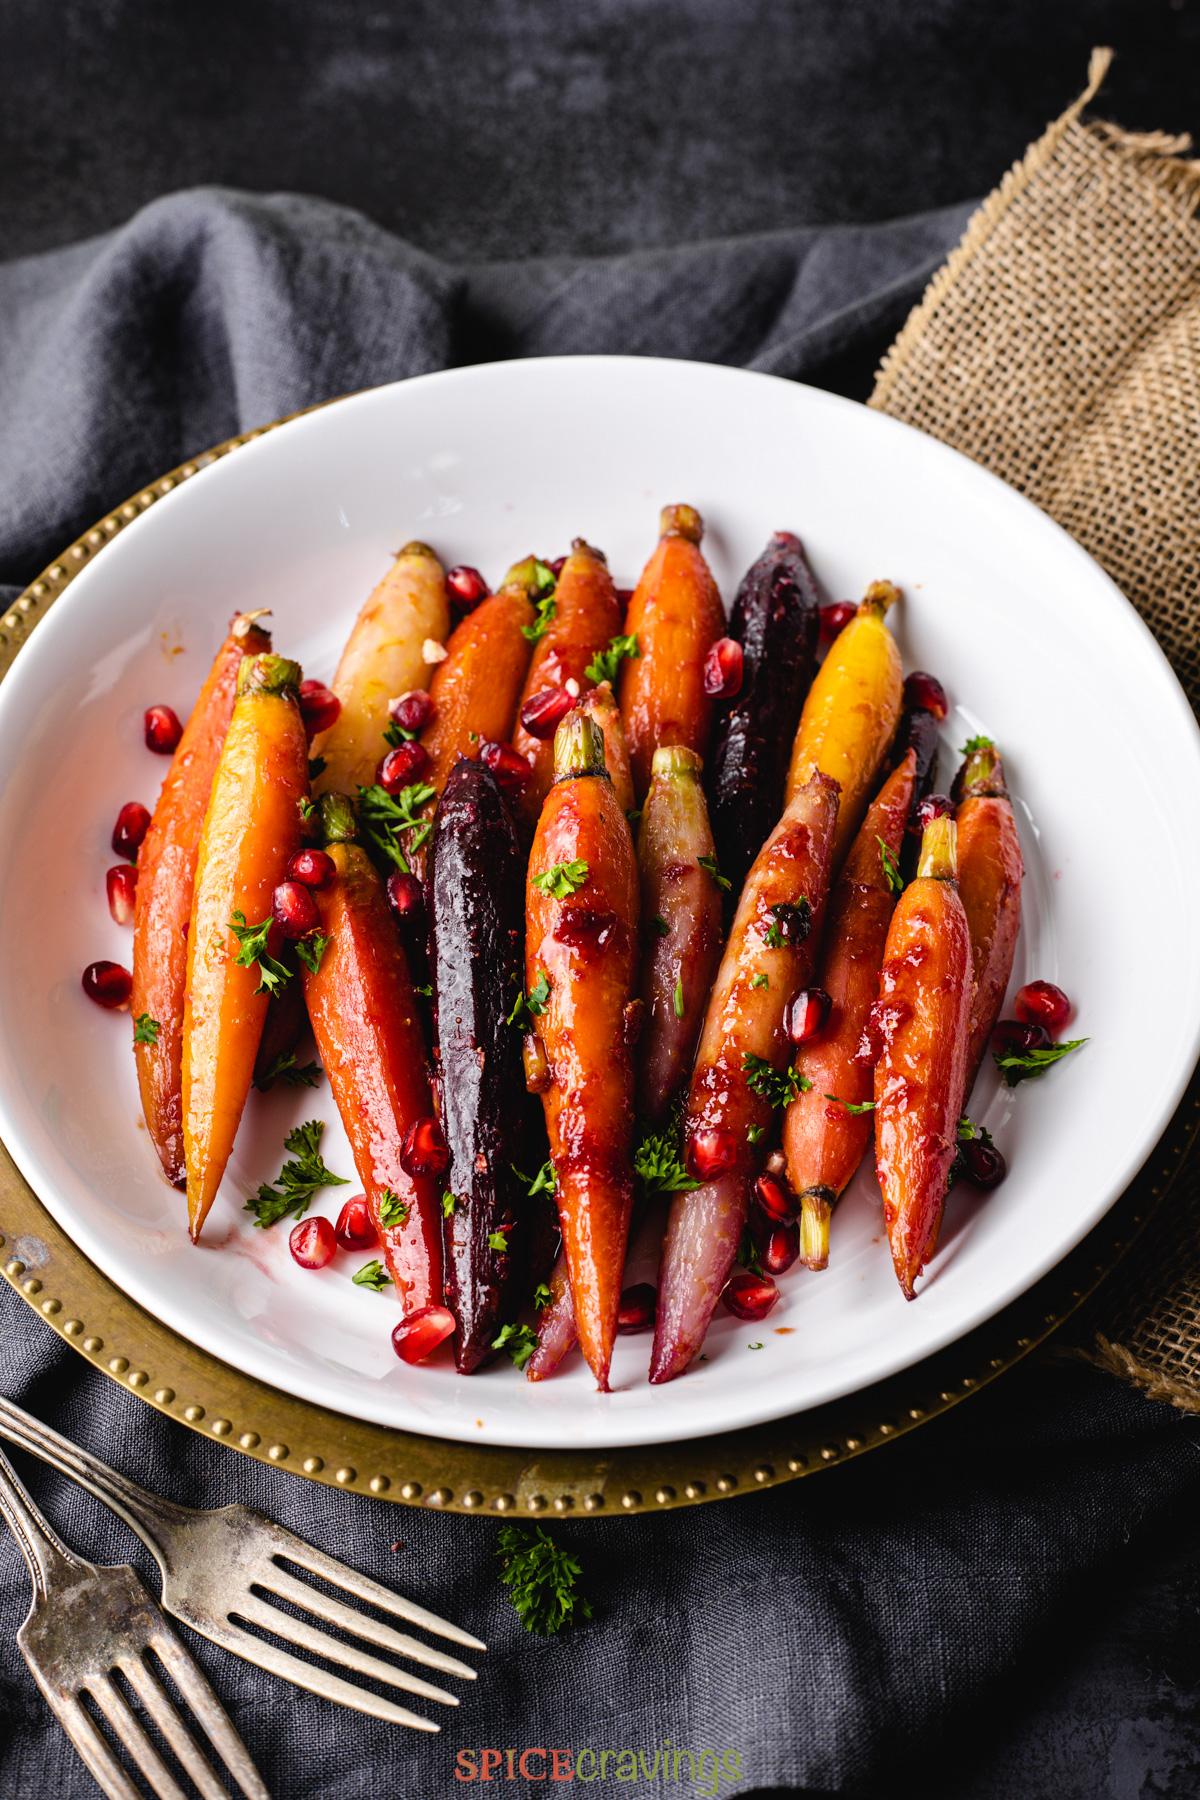 Honey glazed carrots served on a decorative silver platter